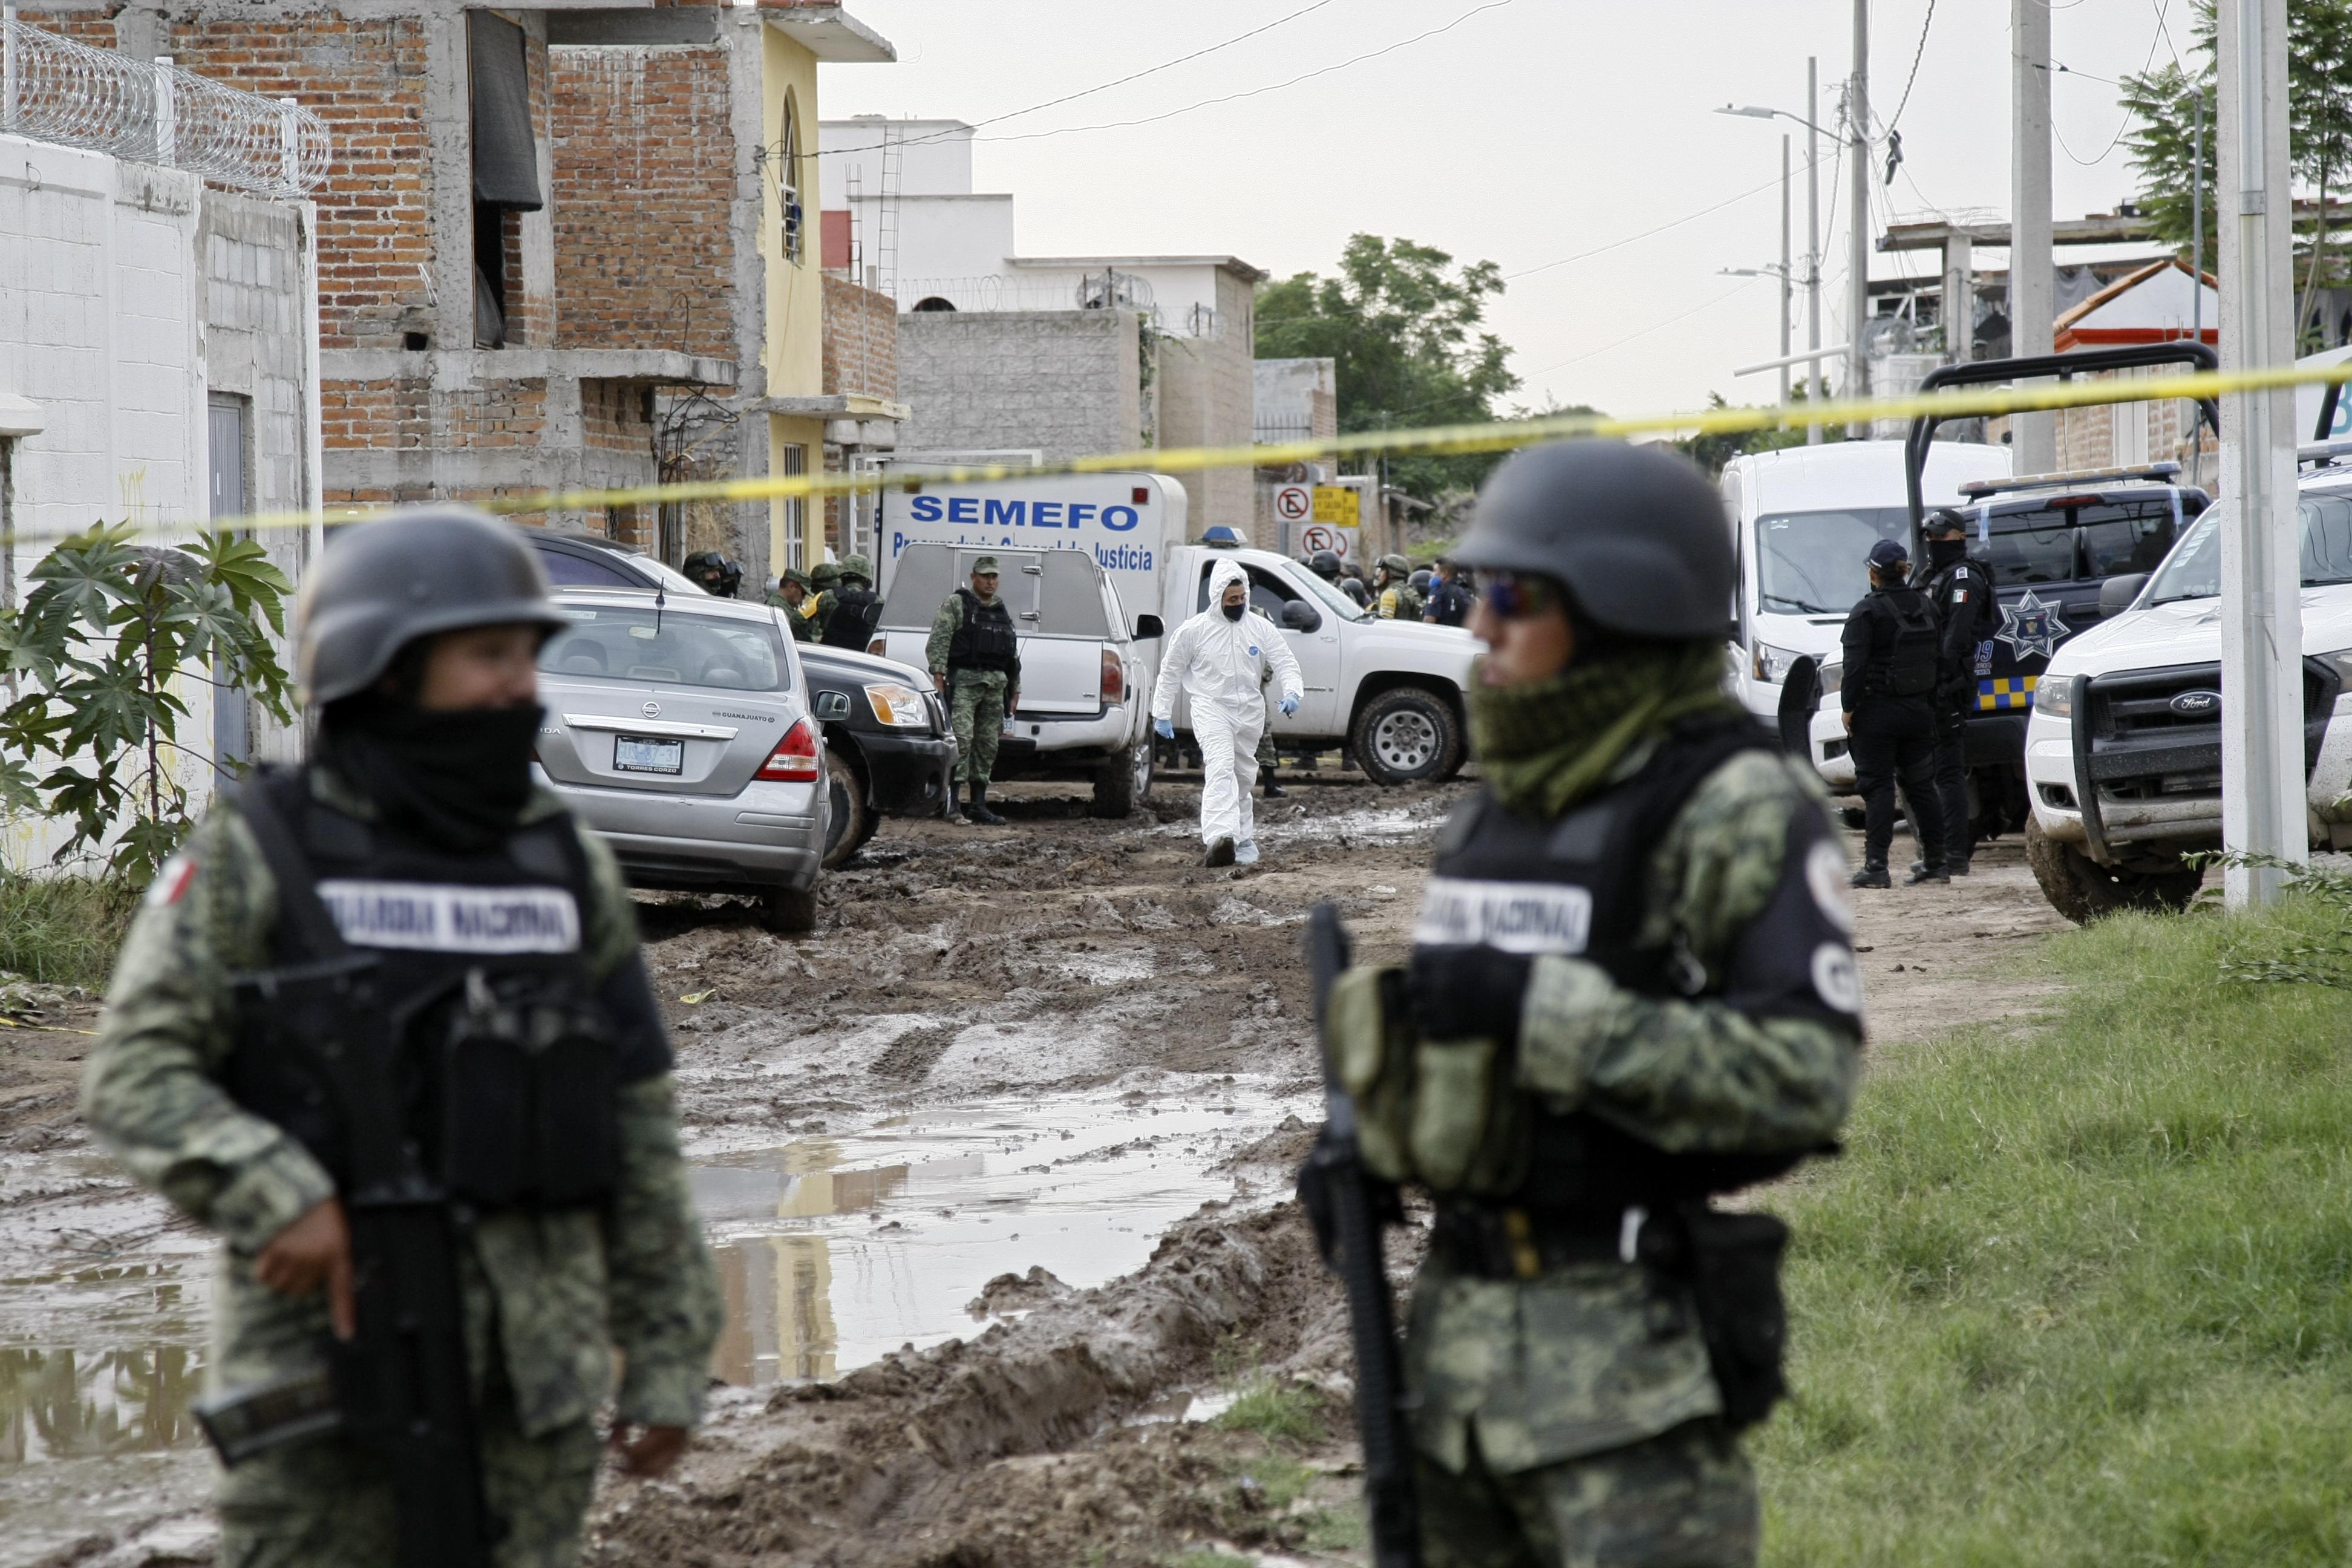 24 emberrel végeztek egy mexikói drogrehabon